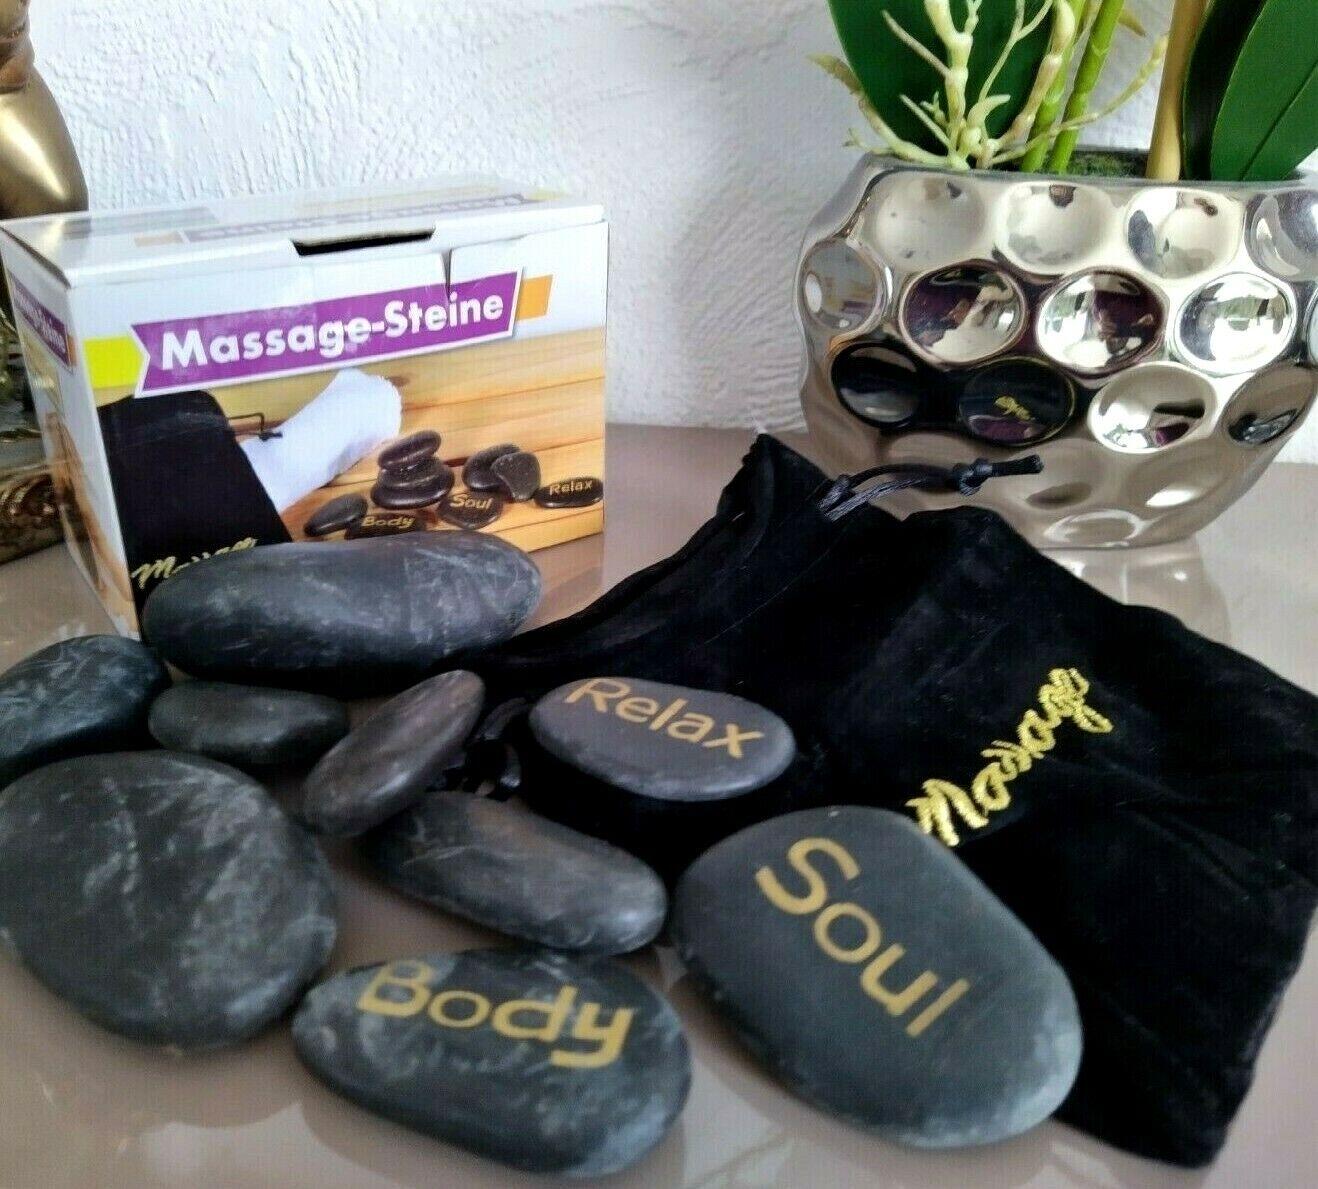 NEU & OVP!   Wellness Massage Steine 9 Stück Inklusiv Samt Aufbewahrungsbeutel